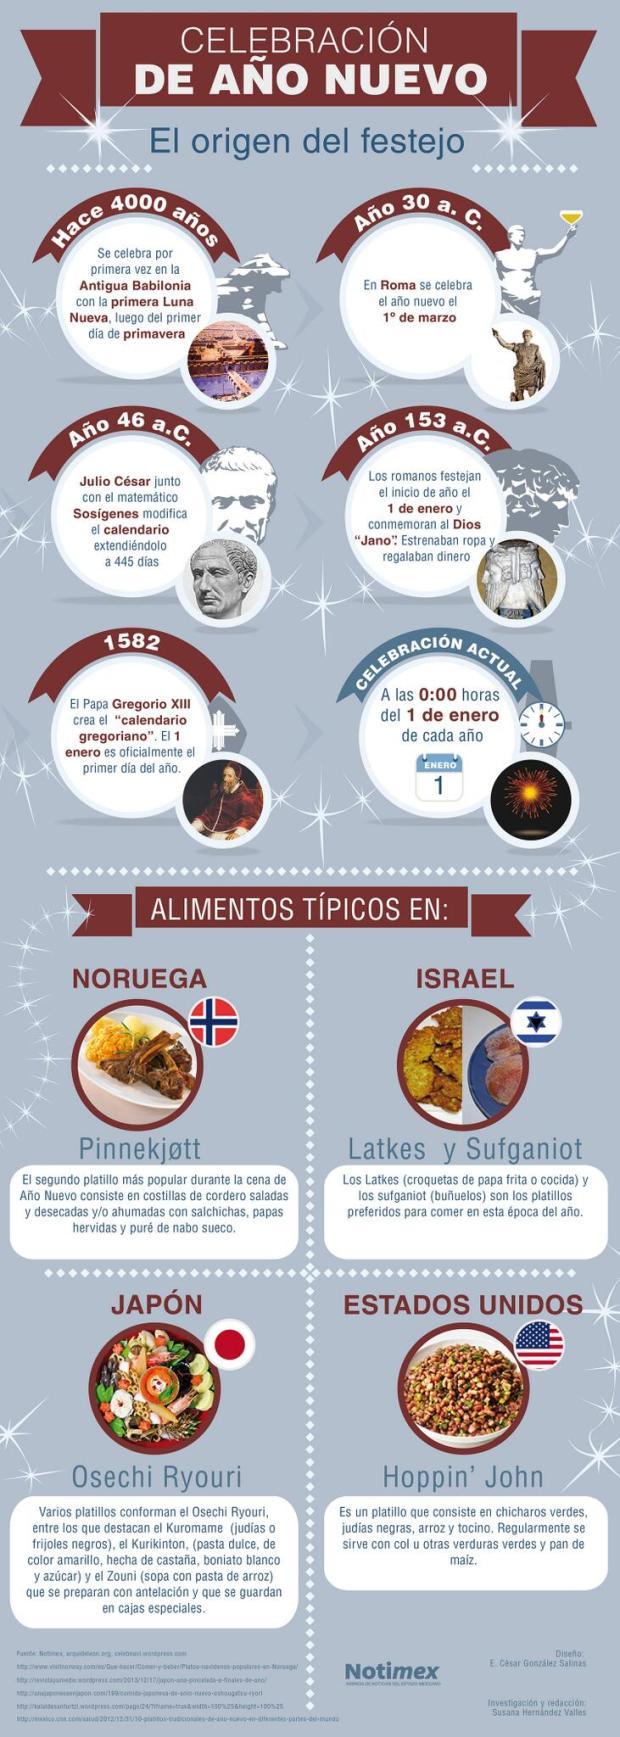 El origen de la fiesta de Año Nuevo